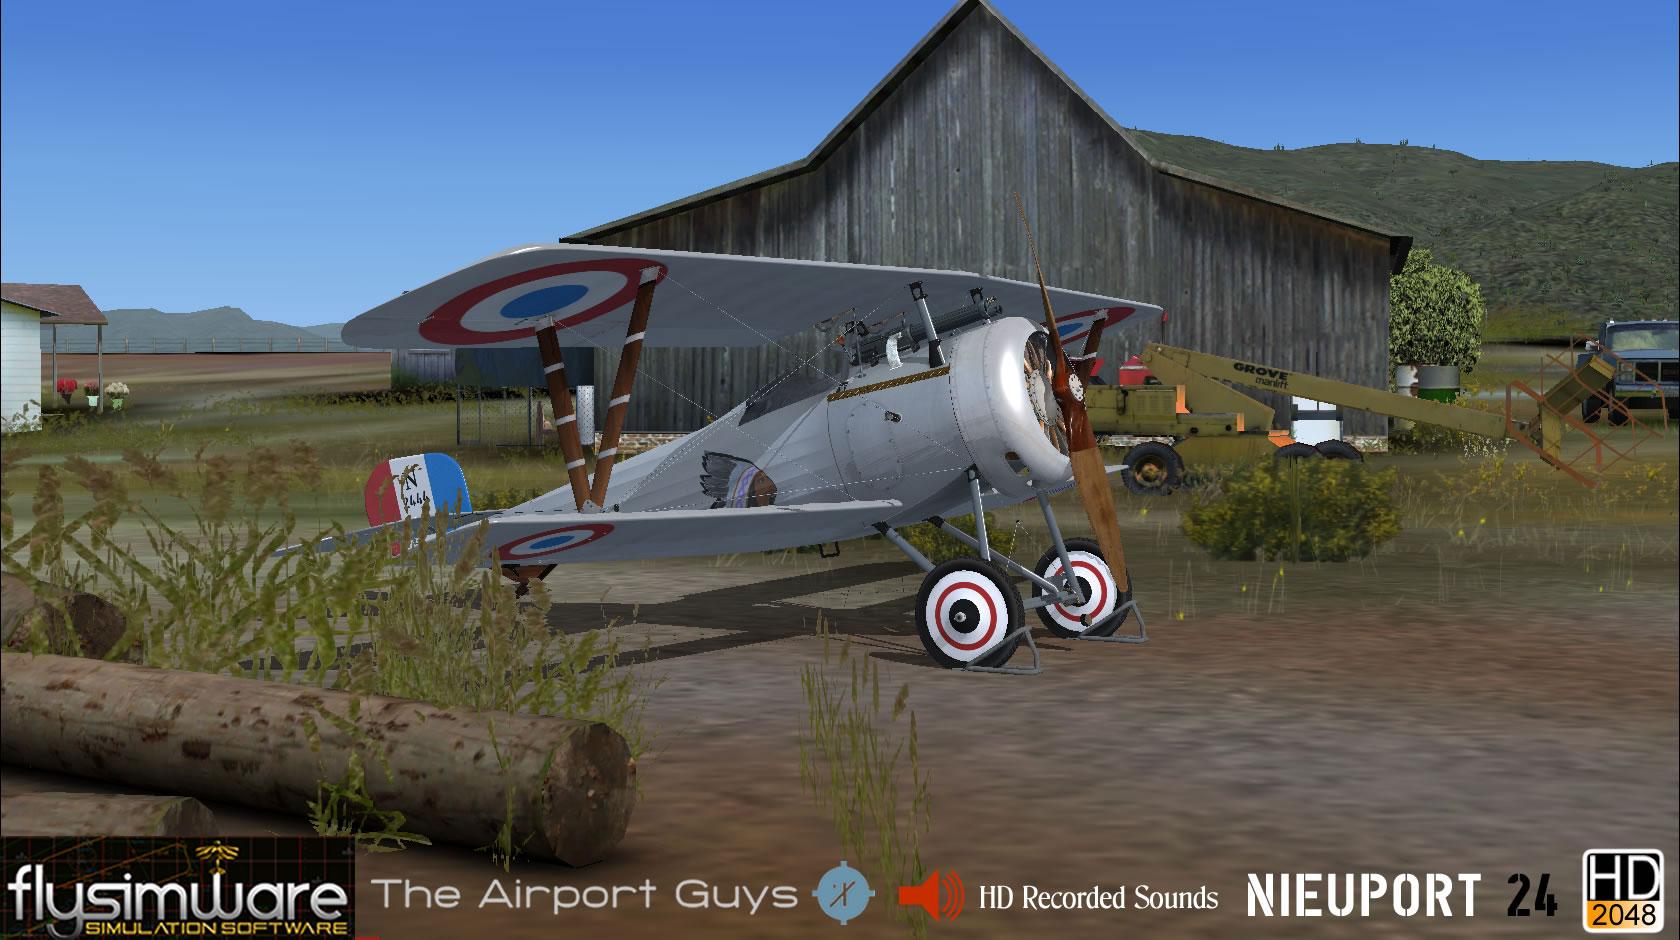 1917 Nieuport 24 for FSX/P3D